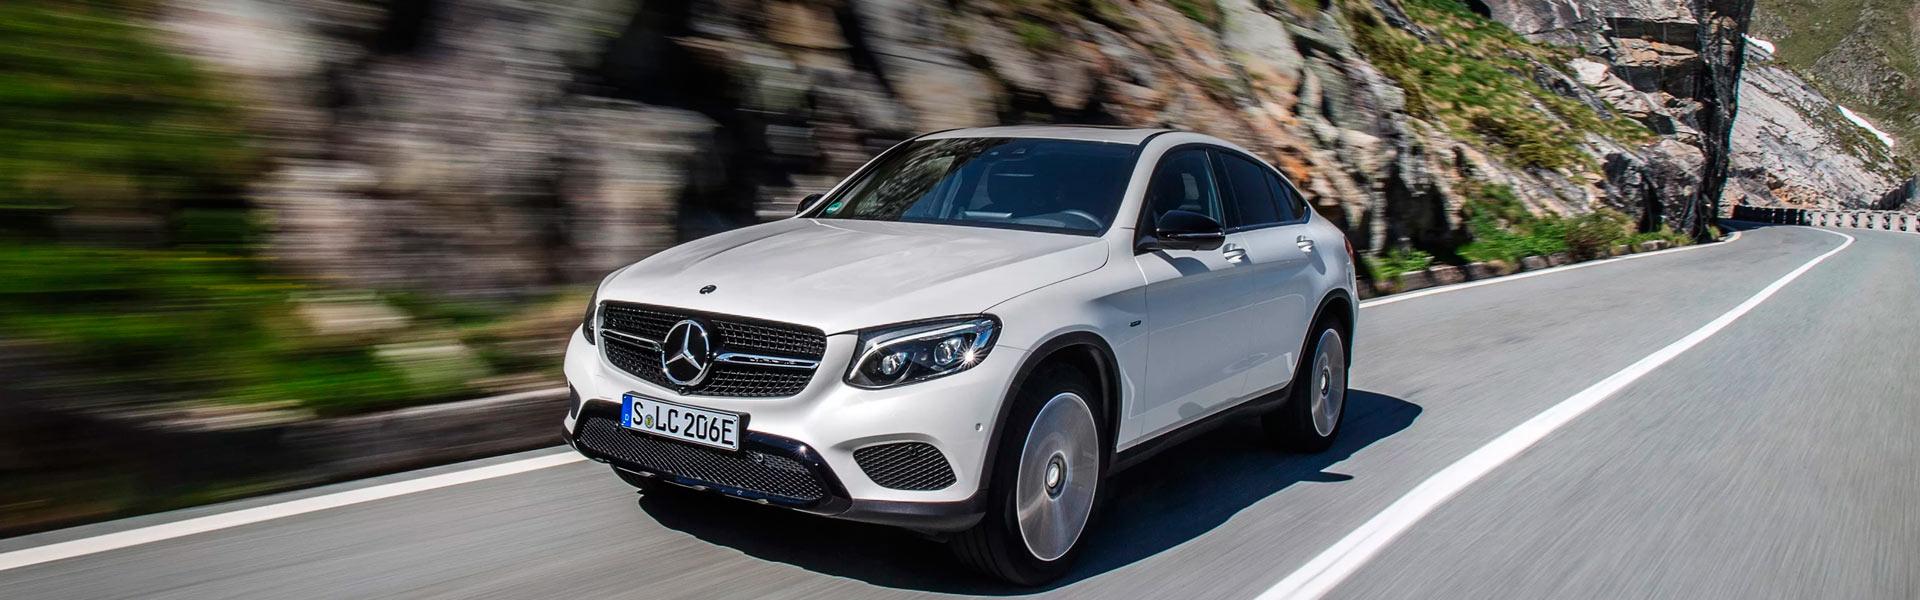 Запчасти на Mercedes GLC